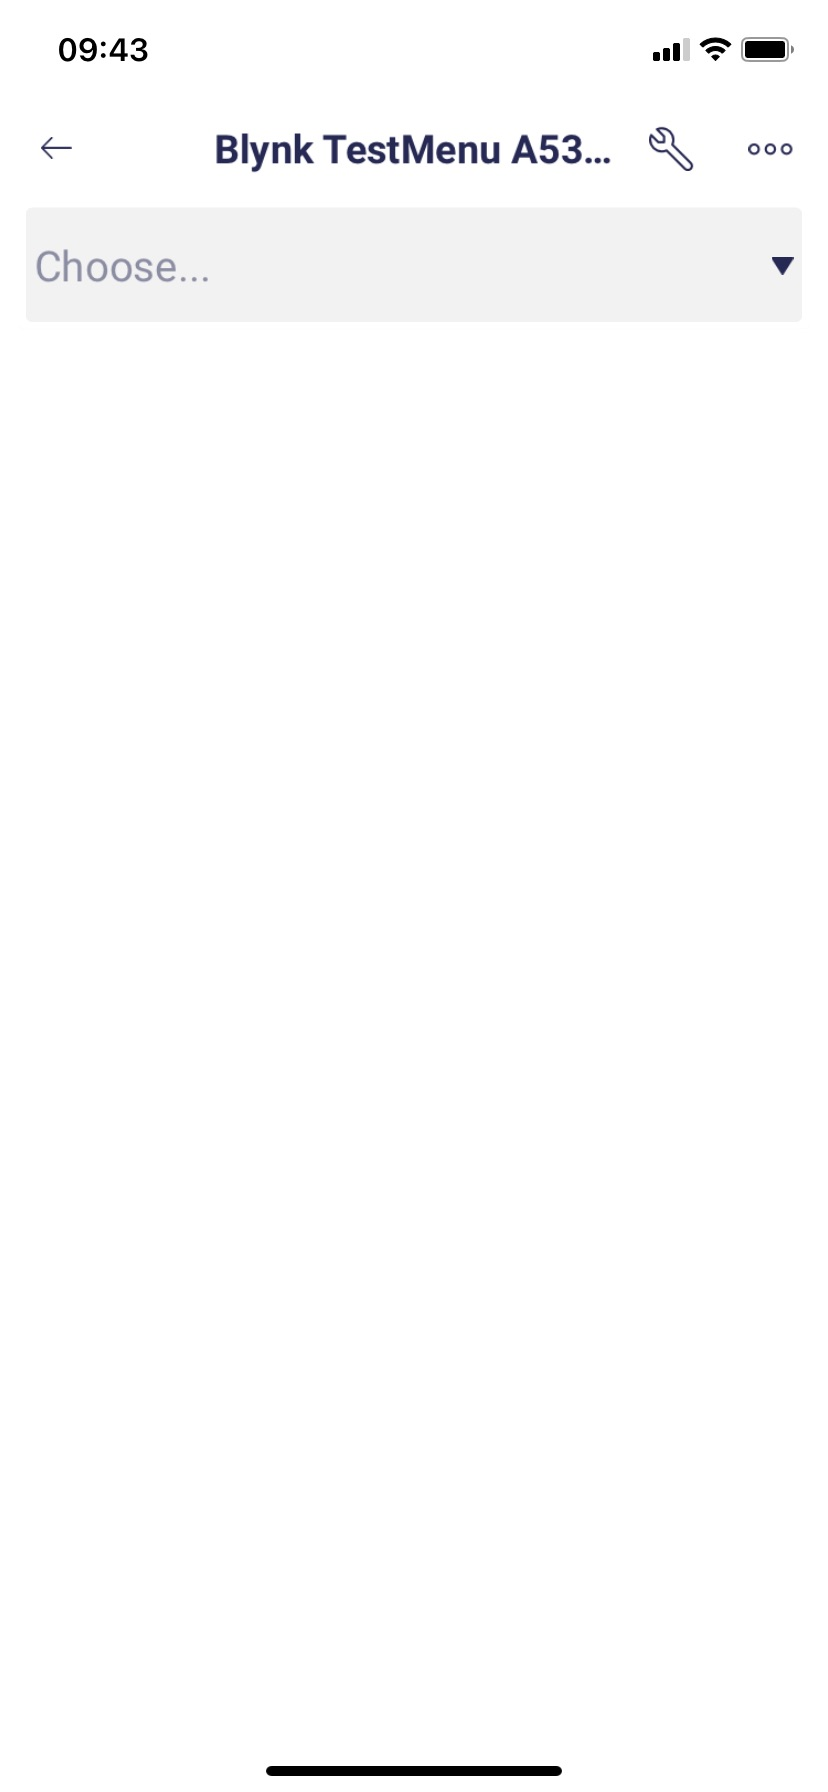 Istantanea schermo 2021-08-18 (09 43 44)